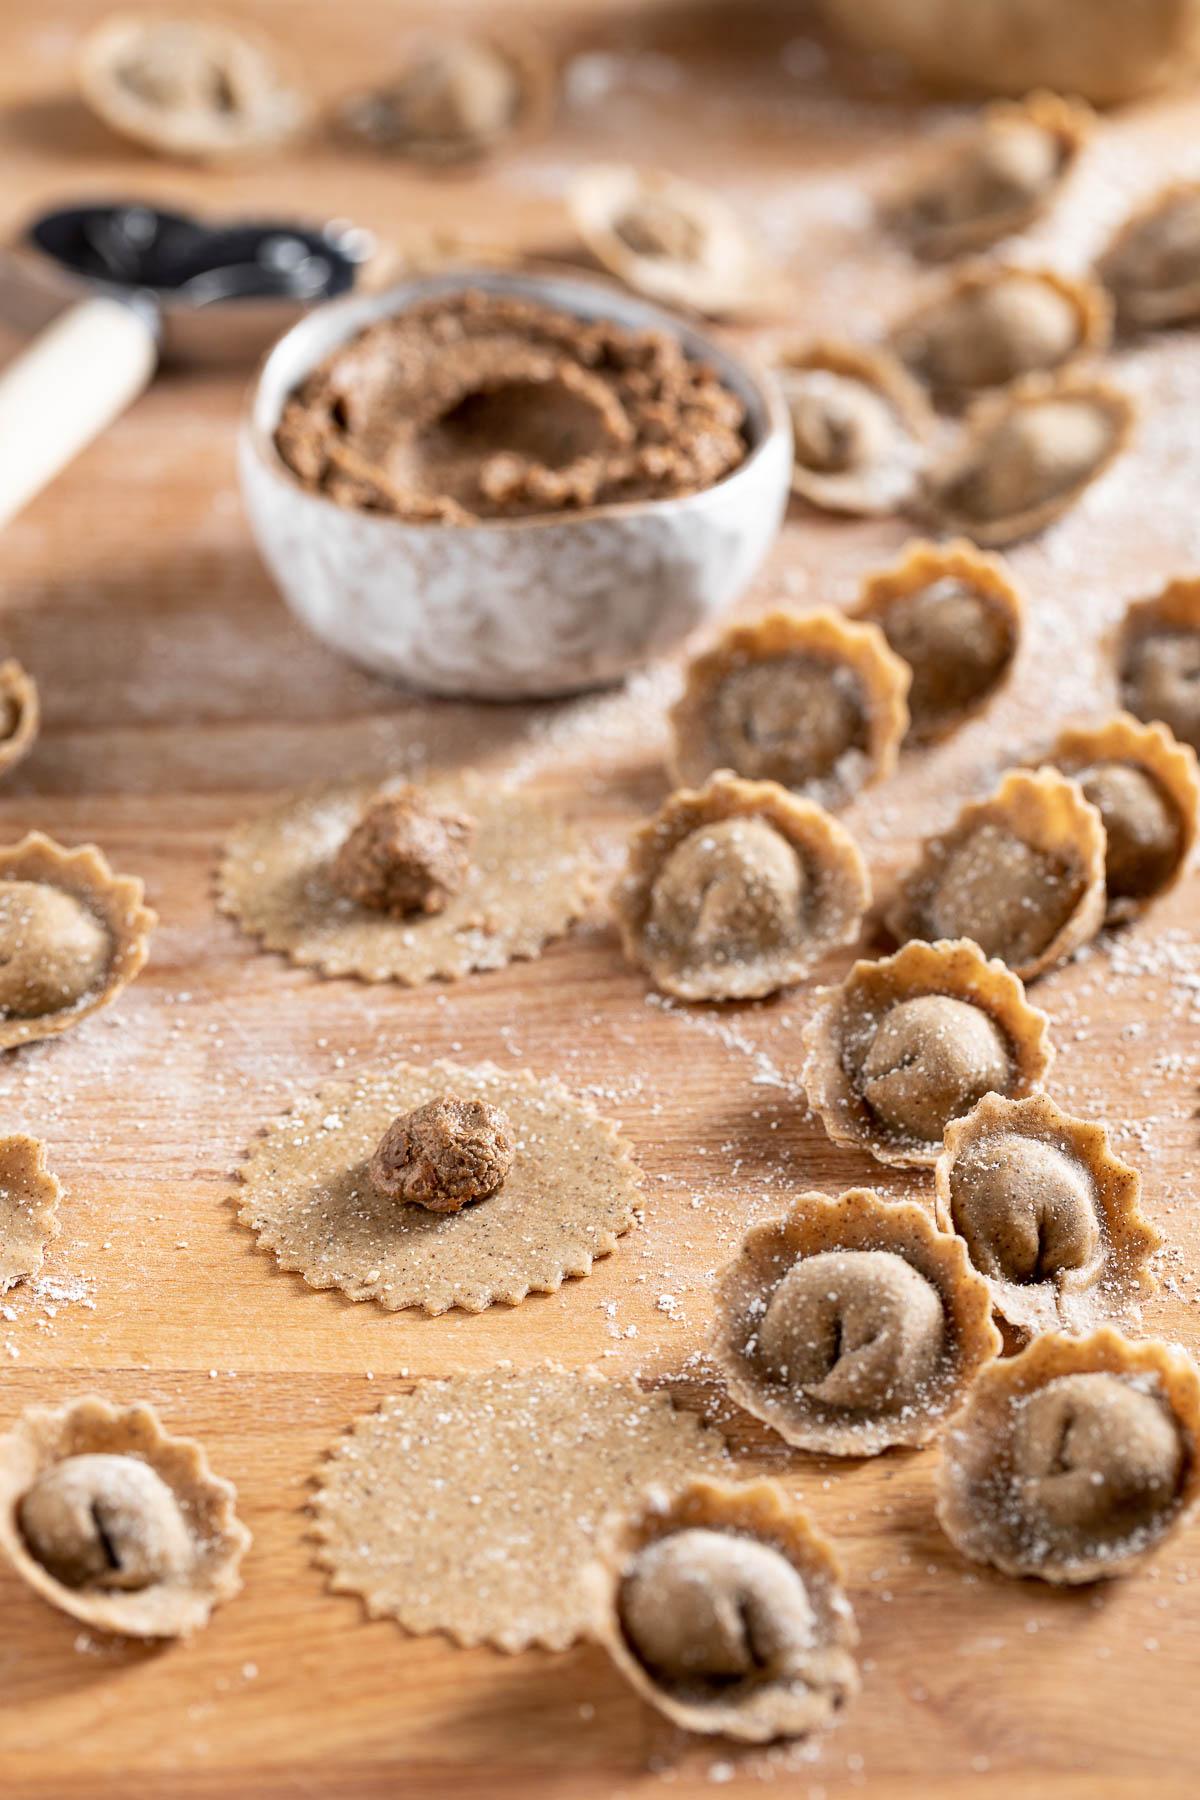 Come fare i ravioli vegan fatti in casa in brodo o in padella con ripieno di lenticchie How to make homemade vegan tortelli with lentils mushrooms and walnuts